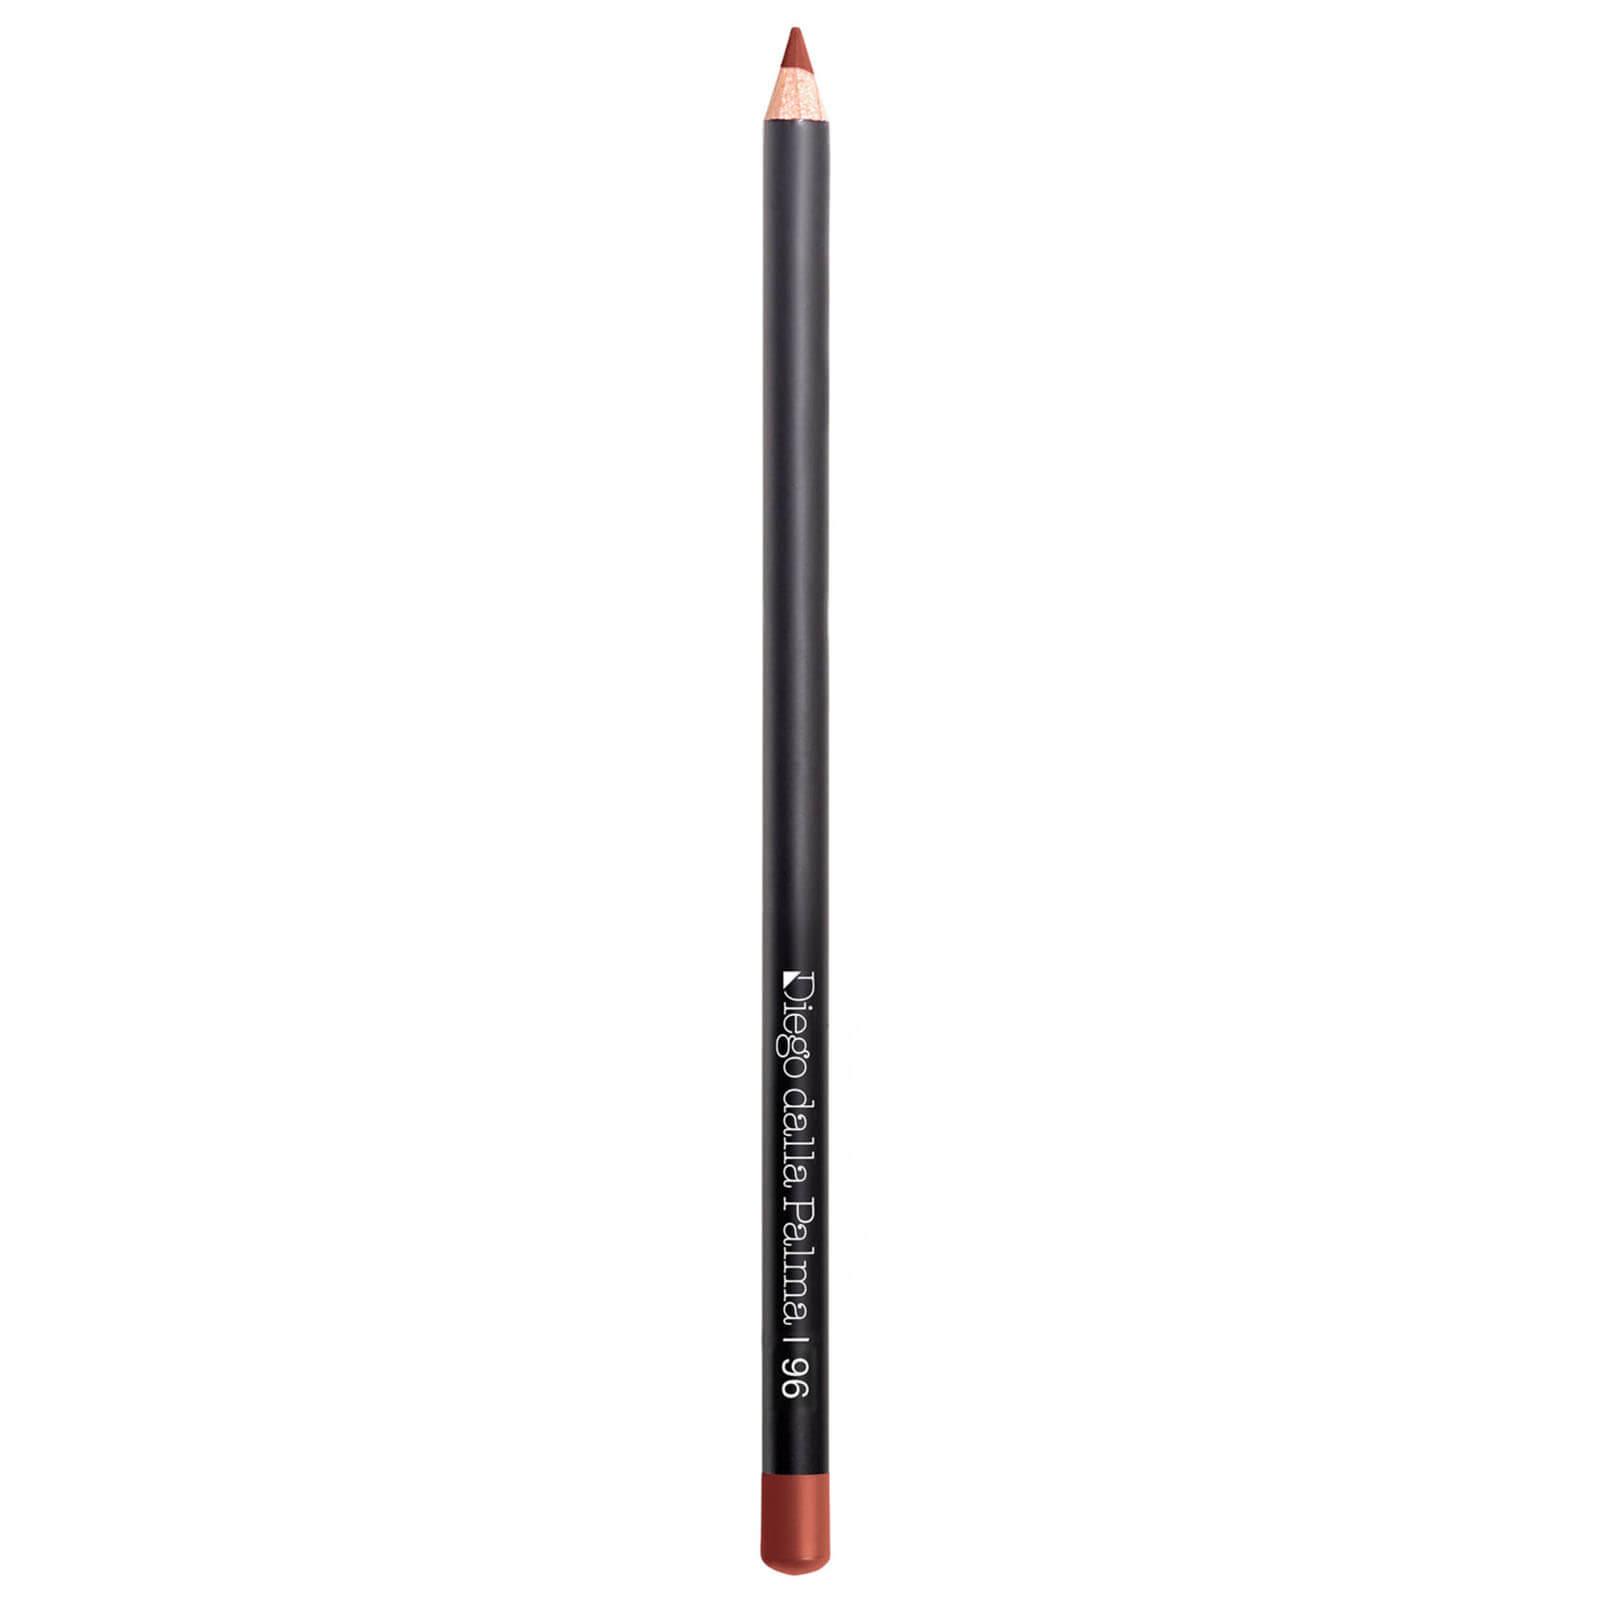 Купить Контурный карандаш для губ diego dalla palma Lip Pencil 1, 5 г (различные оттенки) - 96 Nude